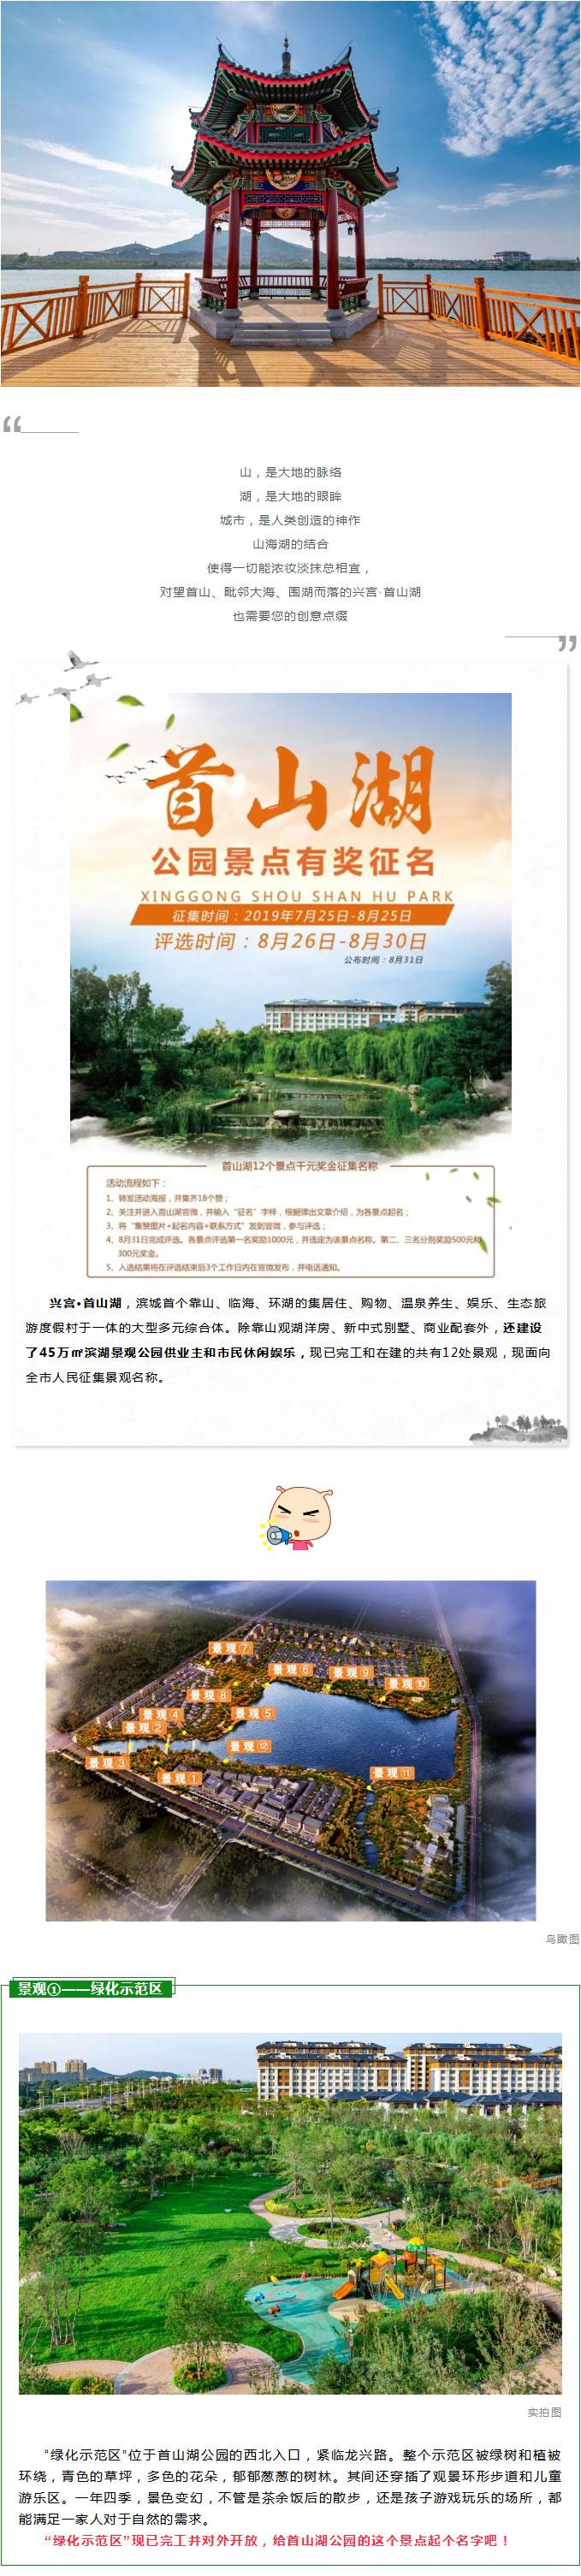 興宮·首山湖12處景觀有獎征名,創意點綴等您參與!